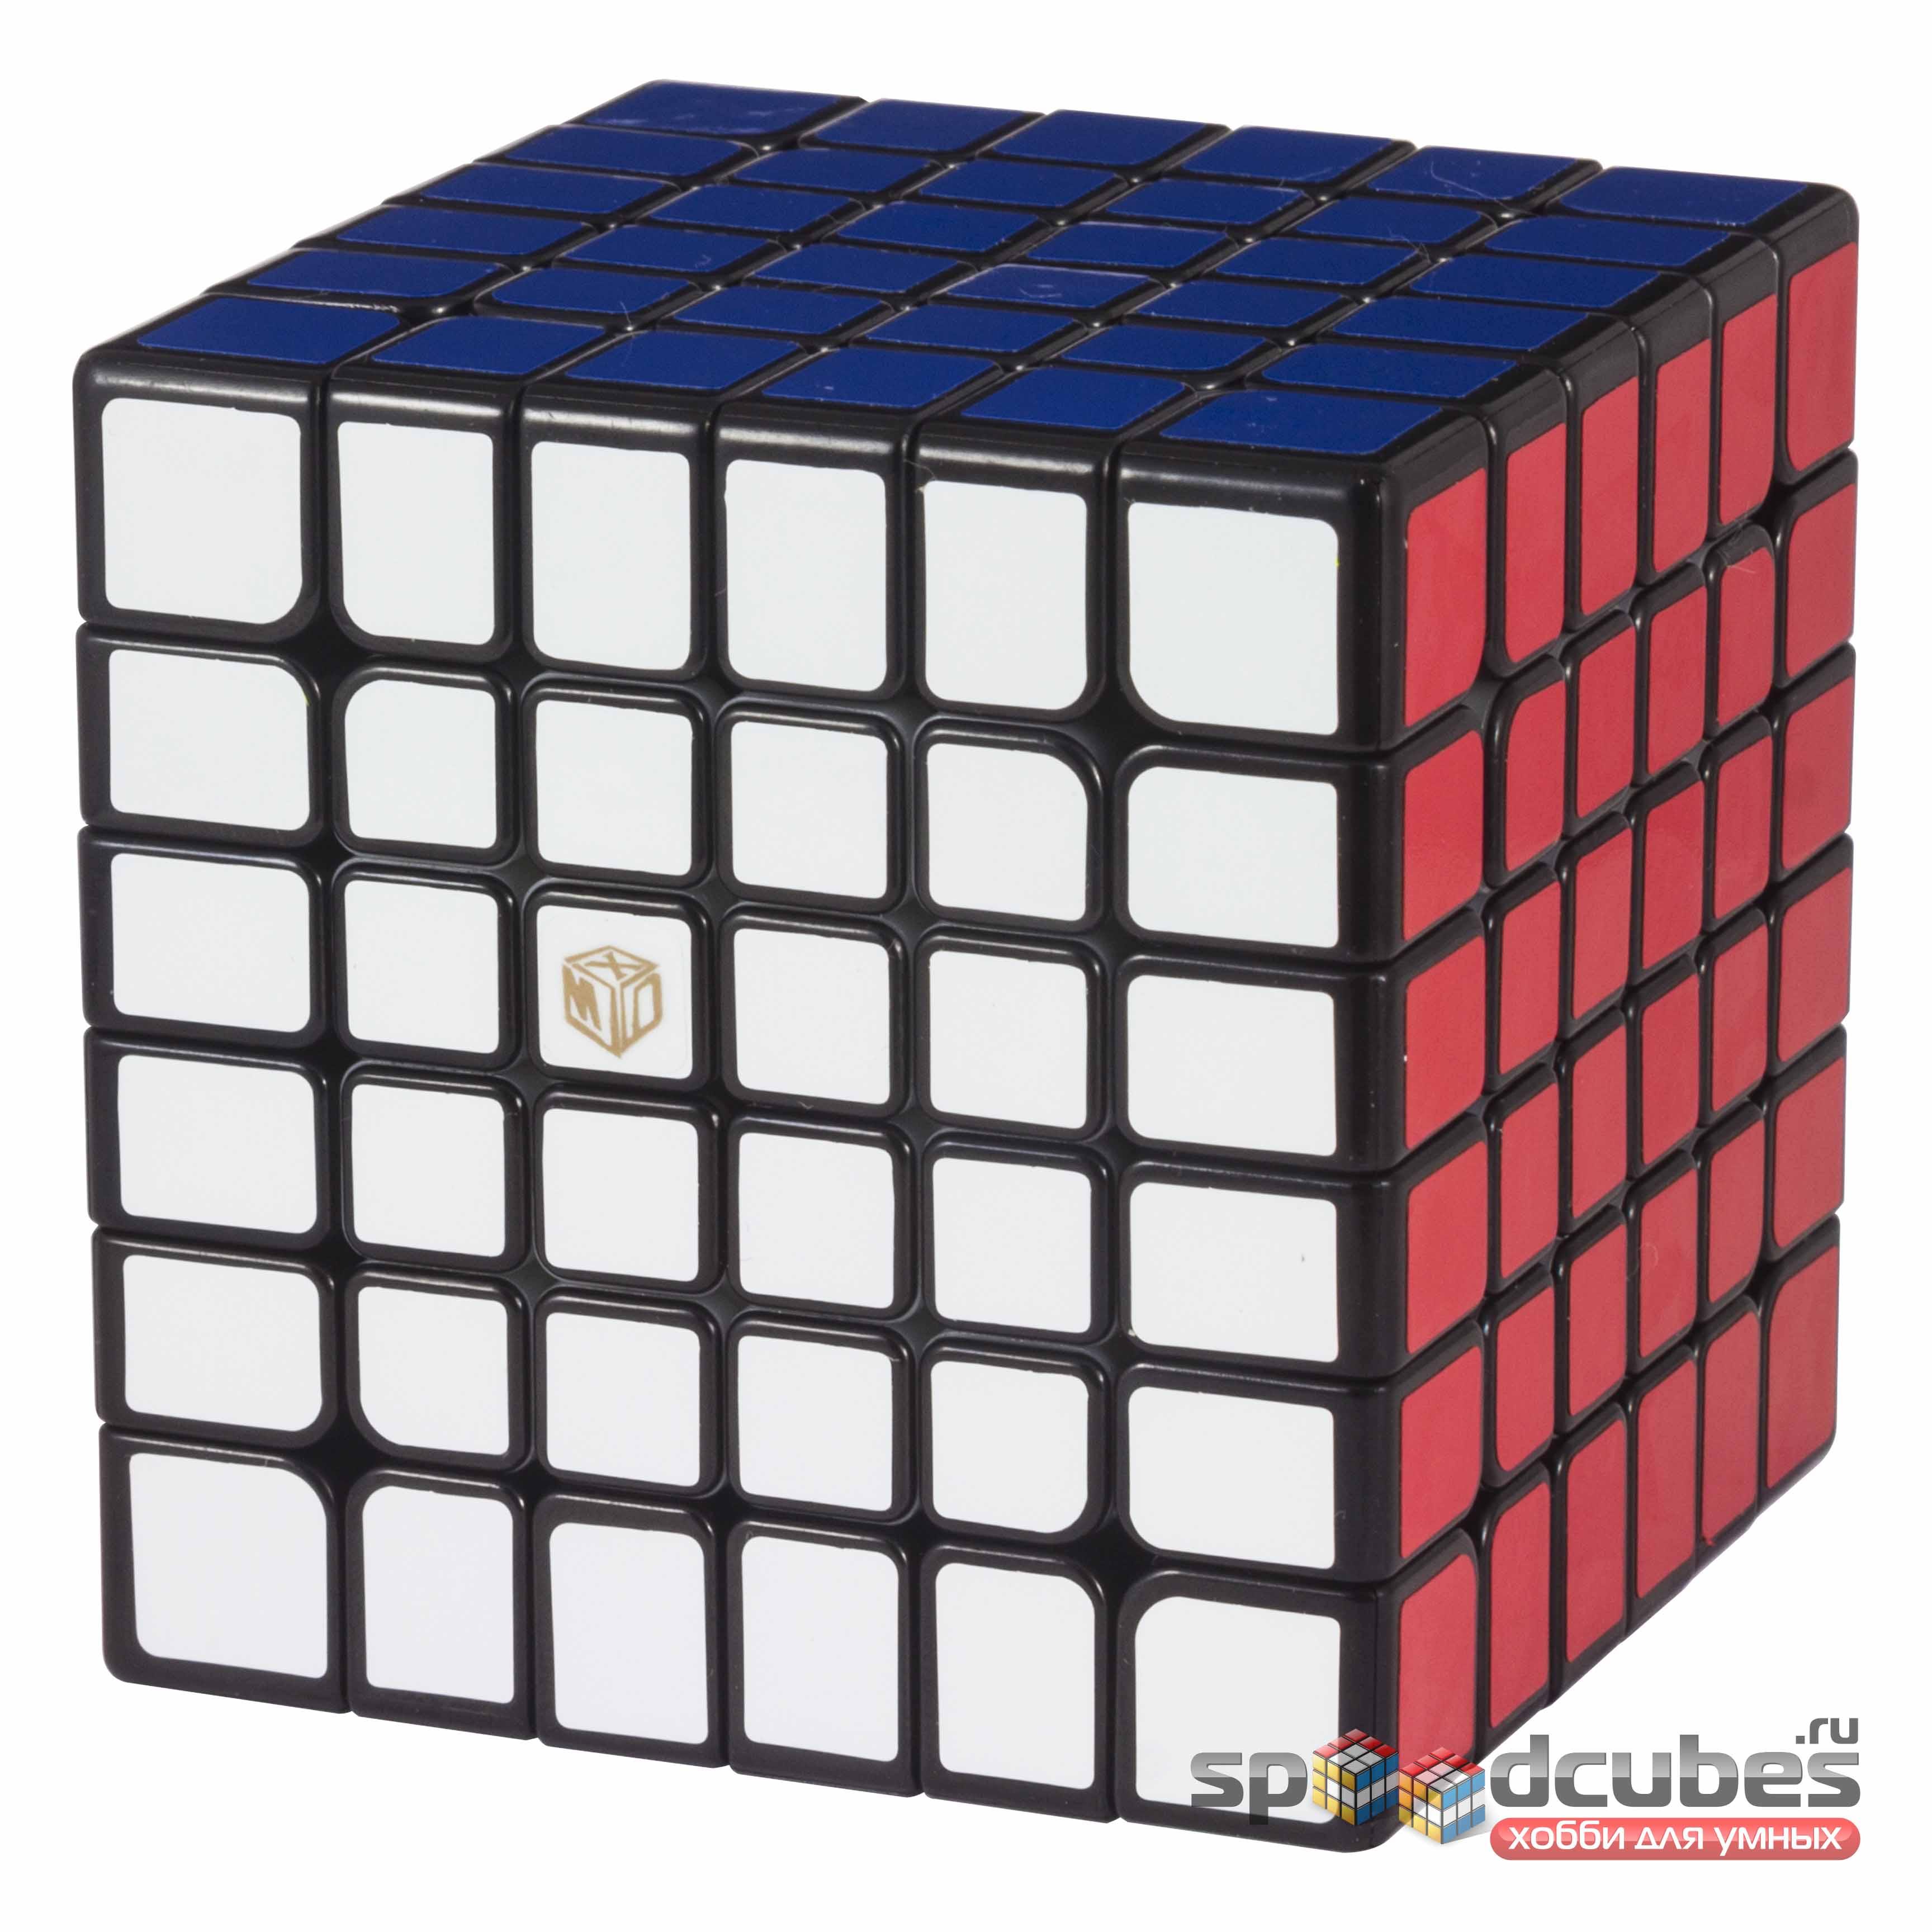 QiYi (MoFangGe) X-Man 6x6x6 Shadow M